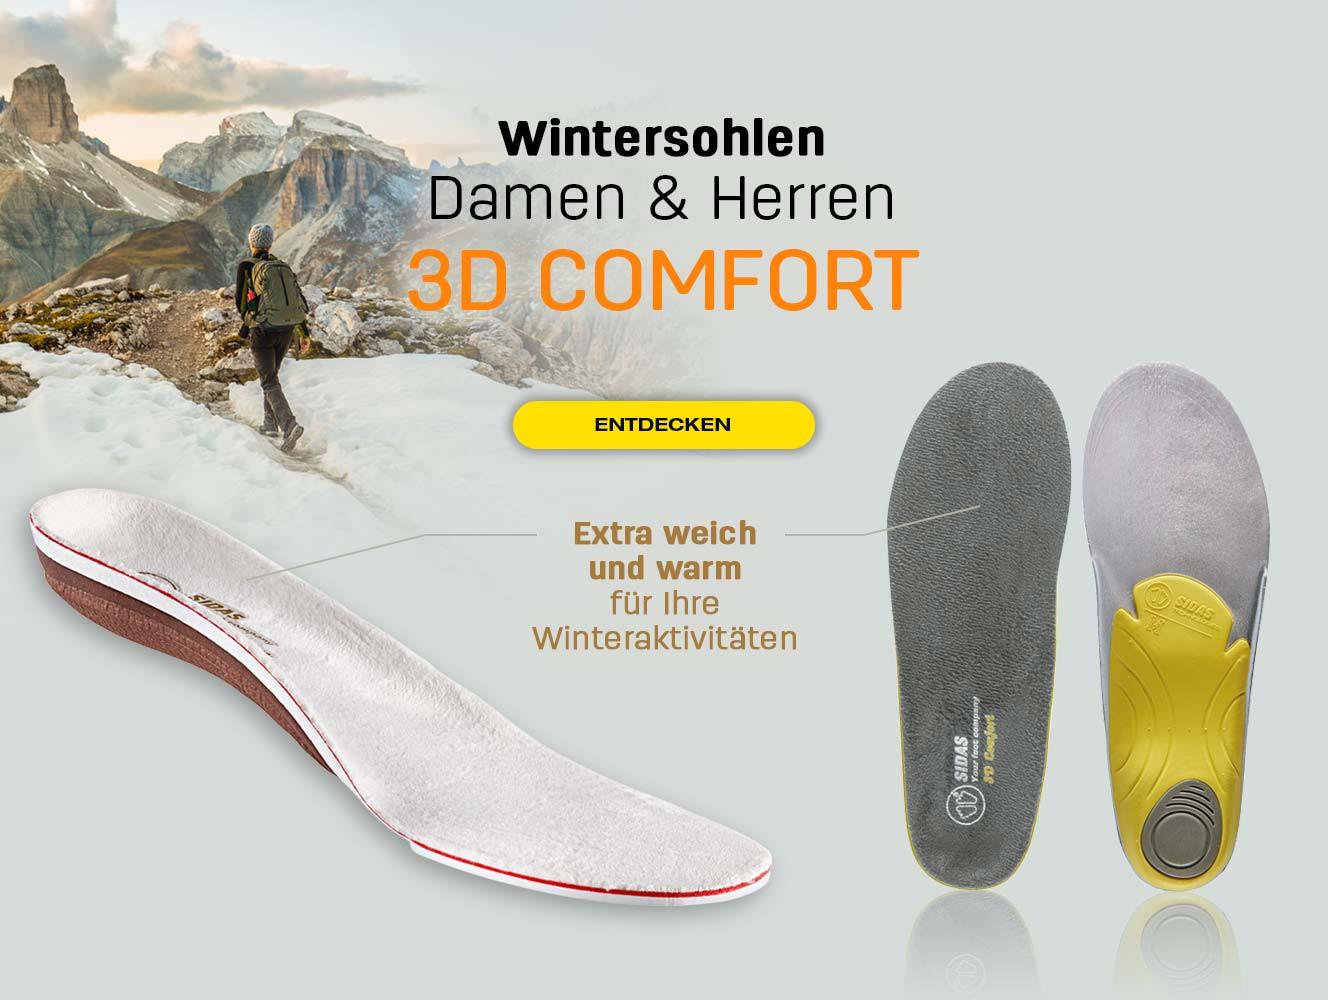 Extra weich und warm für Ihre Winteraktivitäten